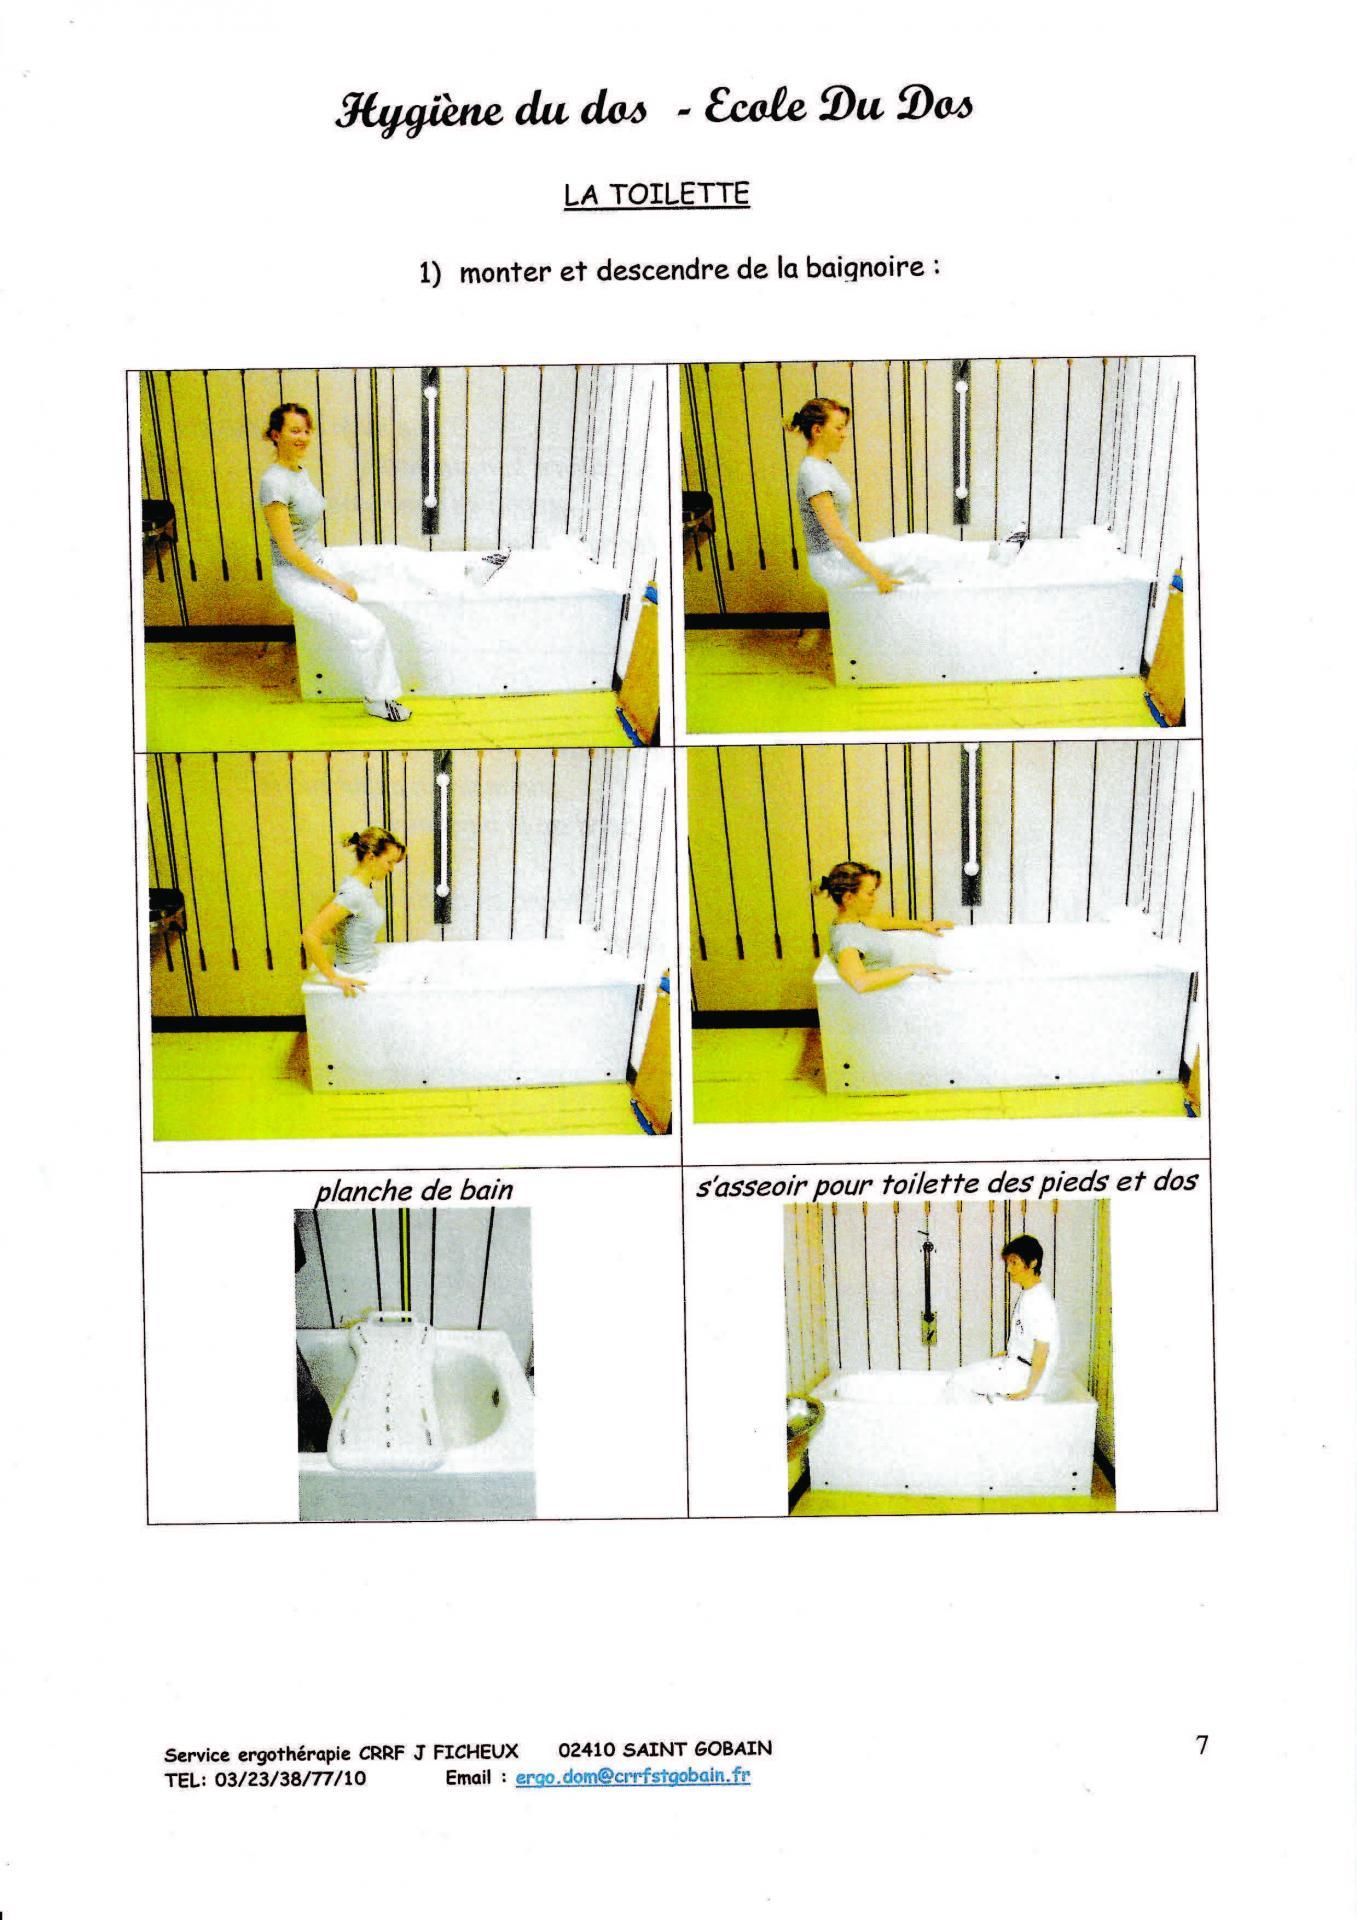 Ecole du dos pdfbis page 07